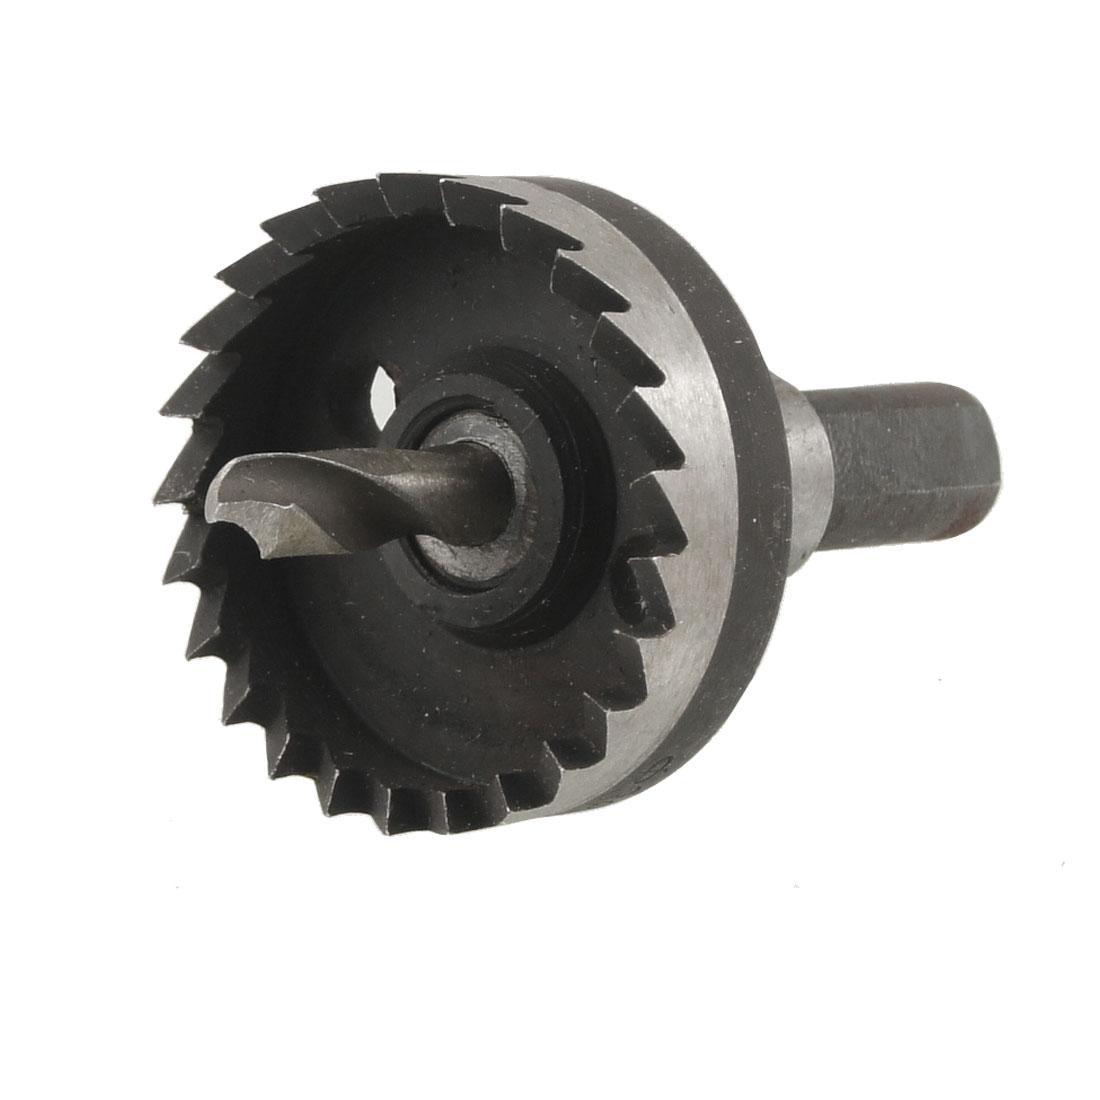 HSS 38mm Diameter Iron Cutting 6mm Twist Drilling Bit Hole Saw Tool